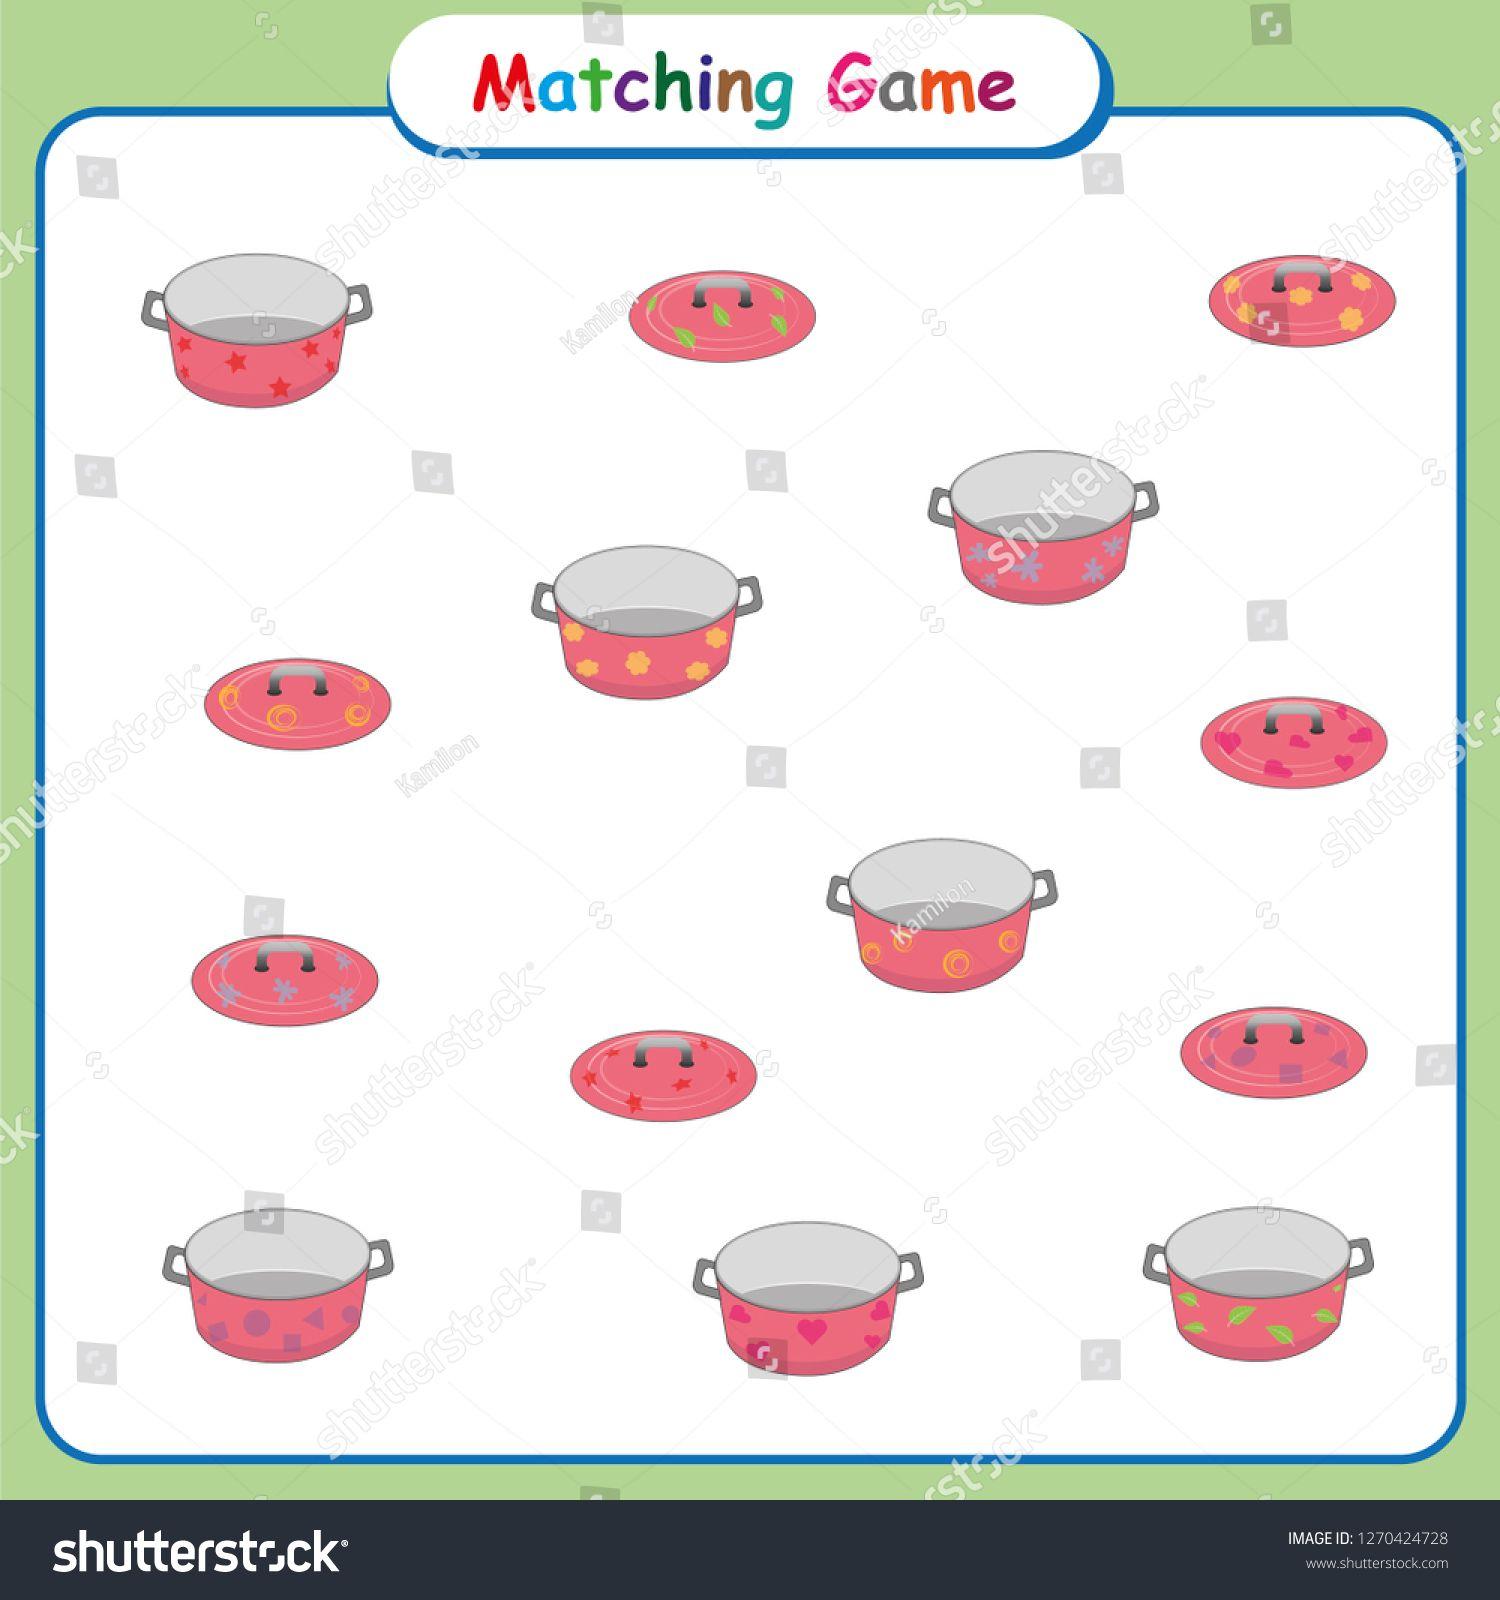 Matching Game For Kids Worksheet For Preschool Children